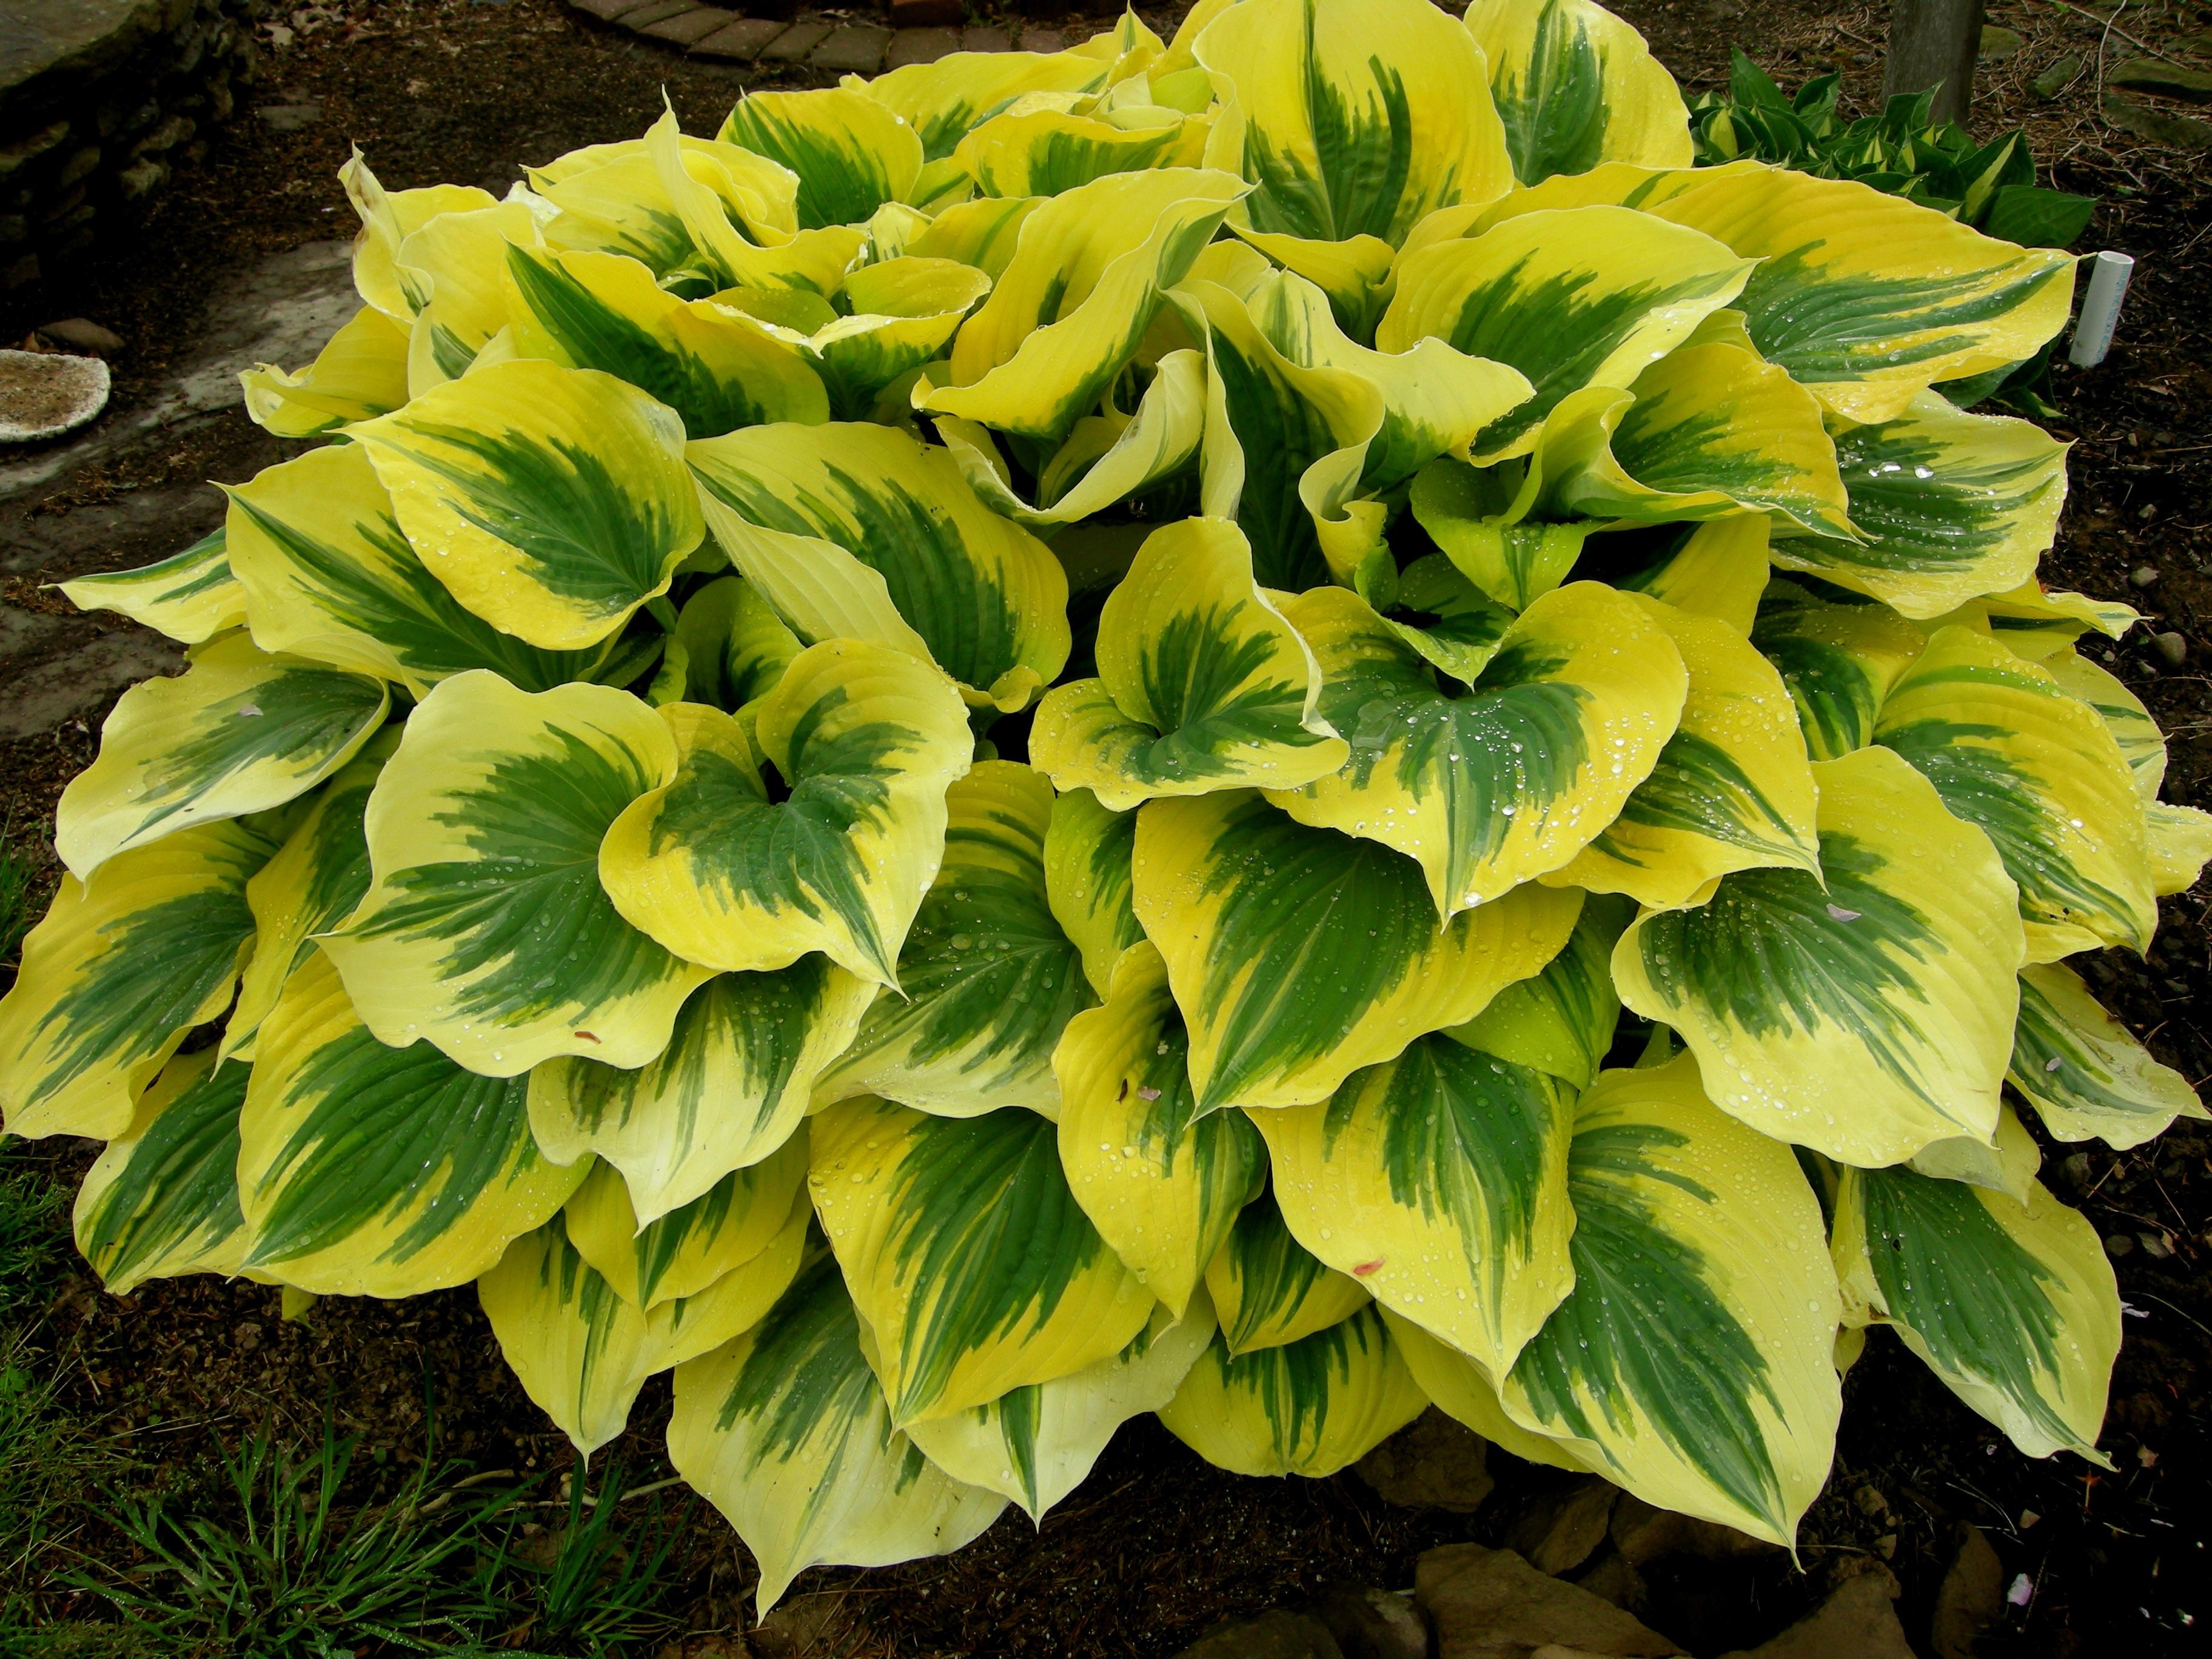 Ярко-желтая окантовка на листьях